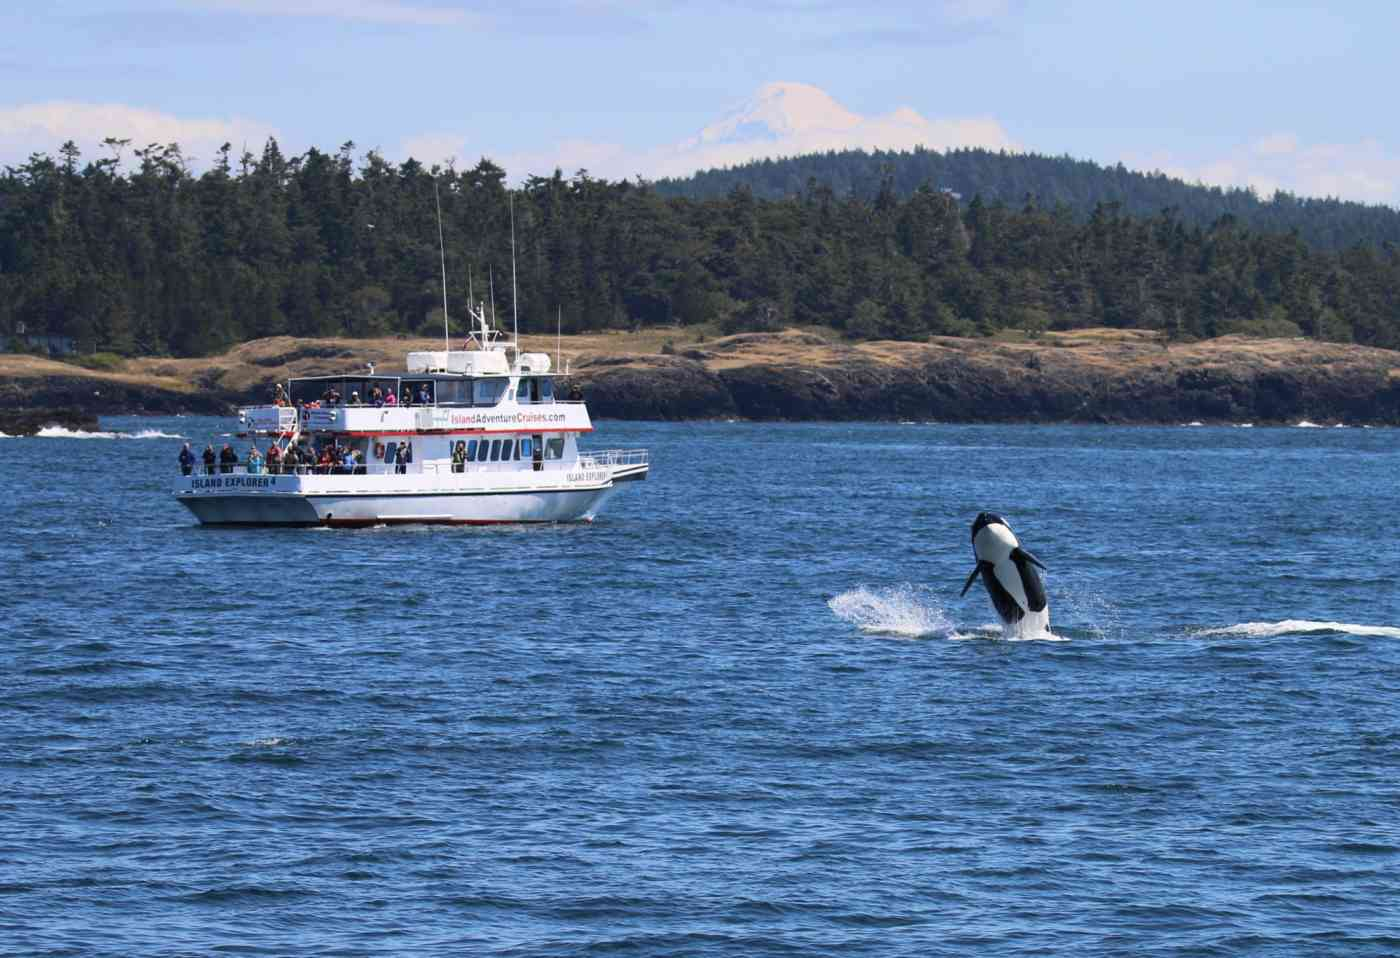 Ie4 Orca Breach